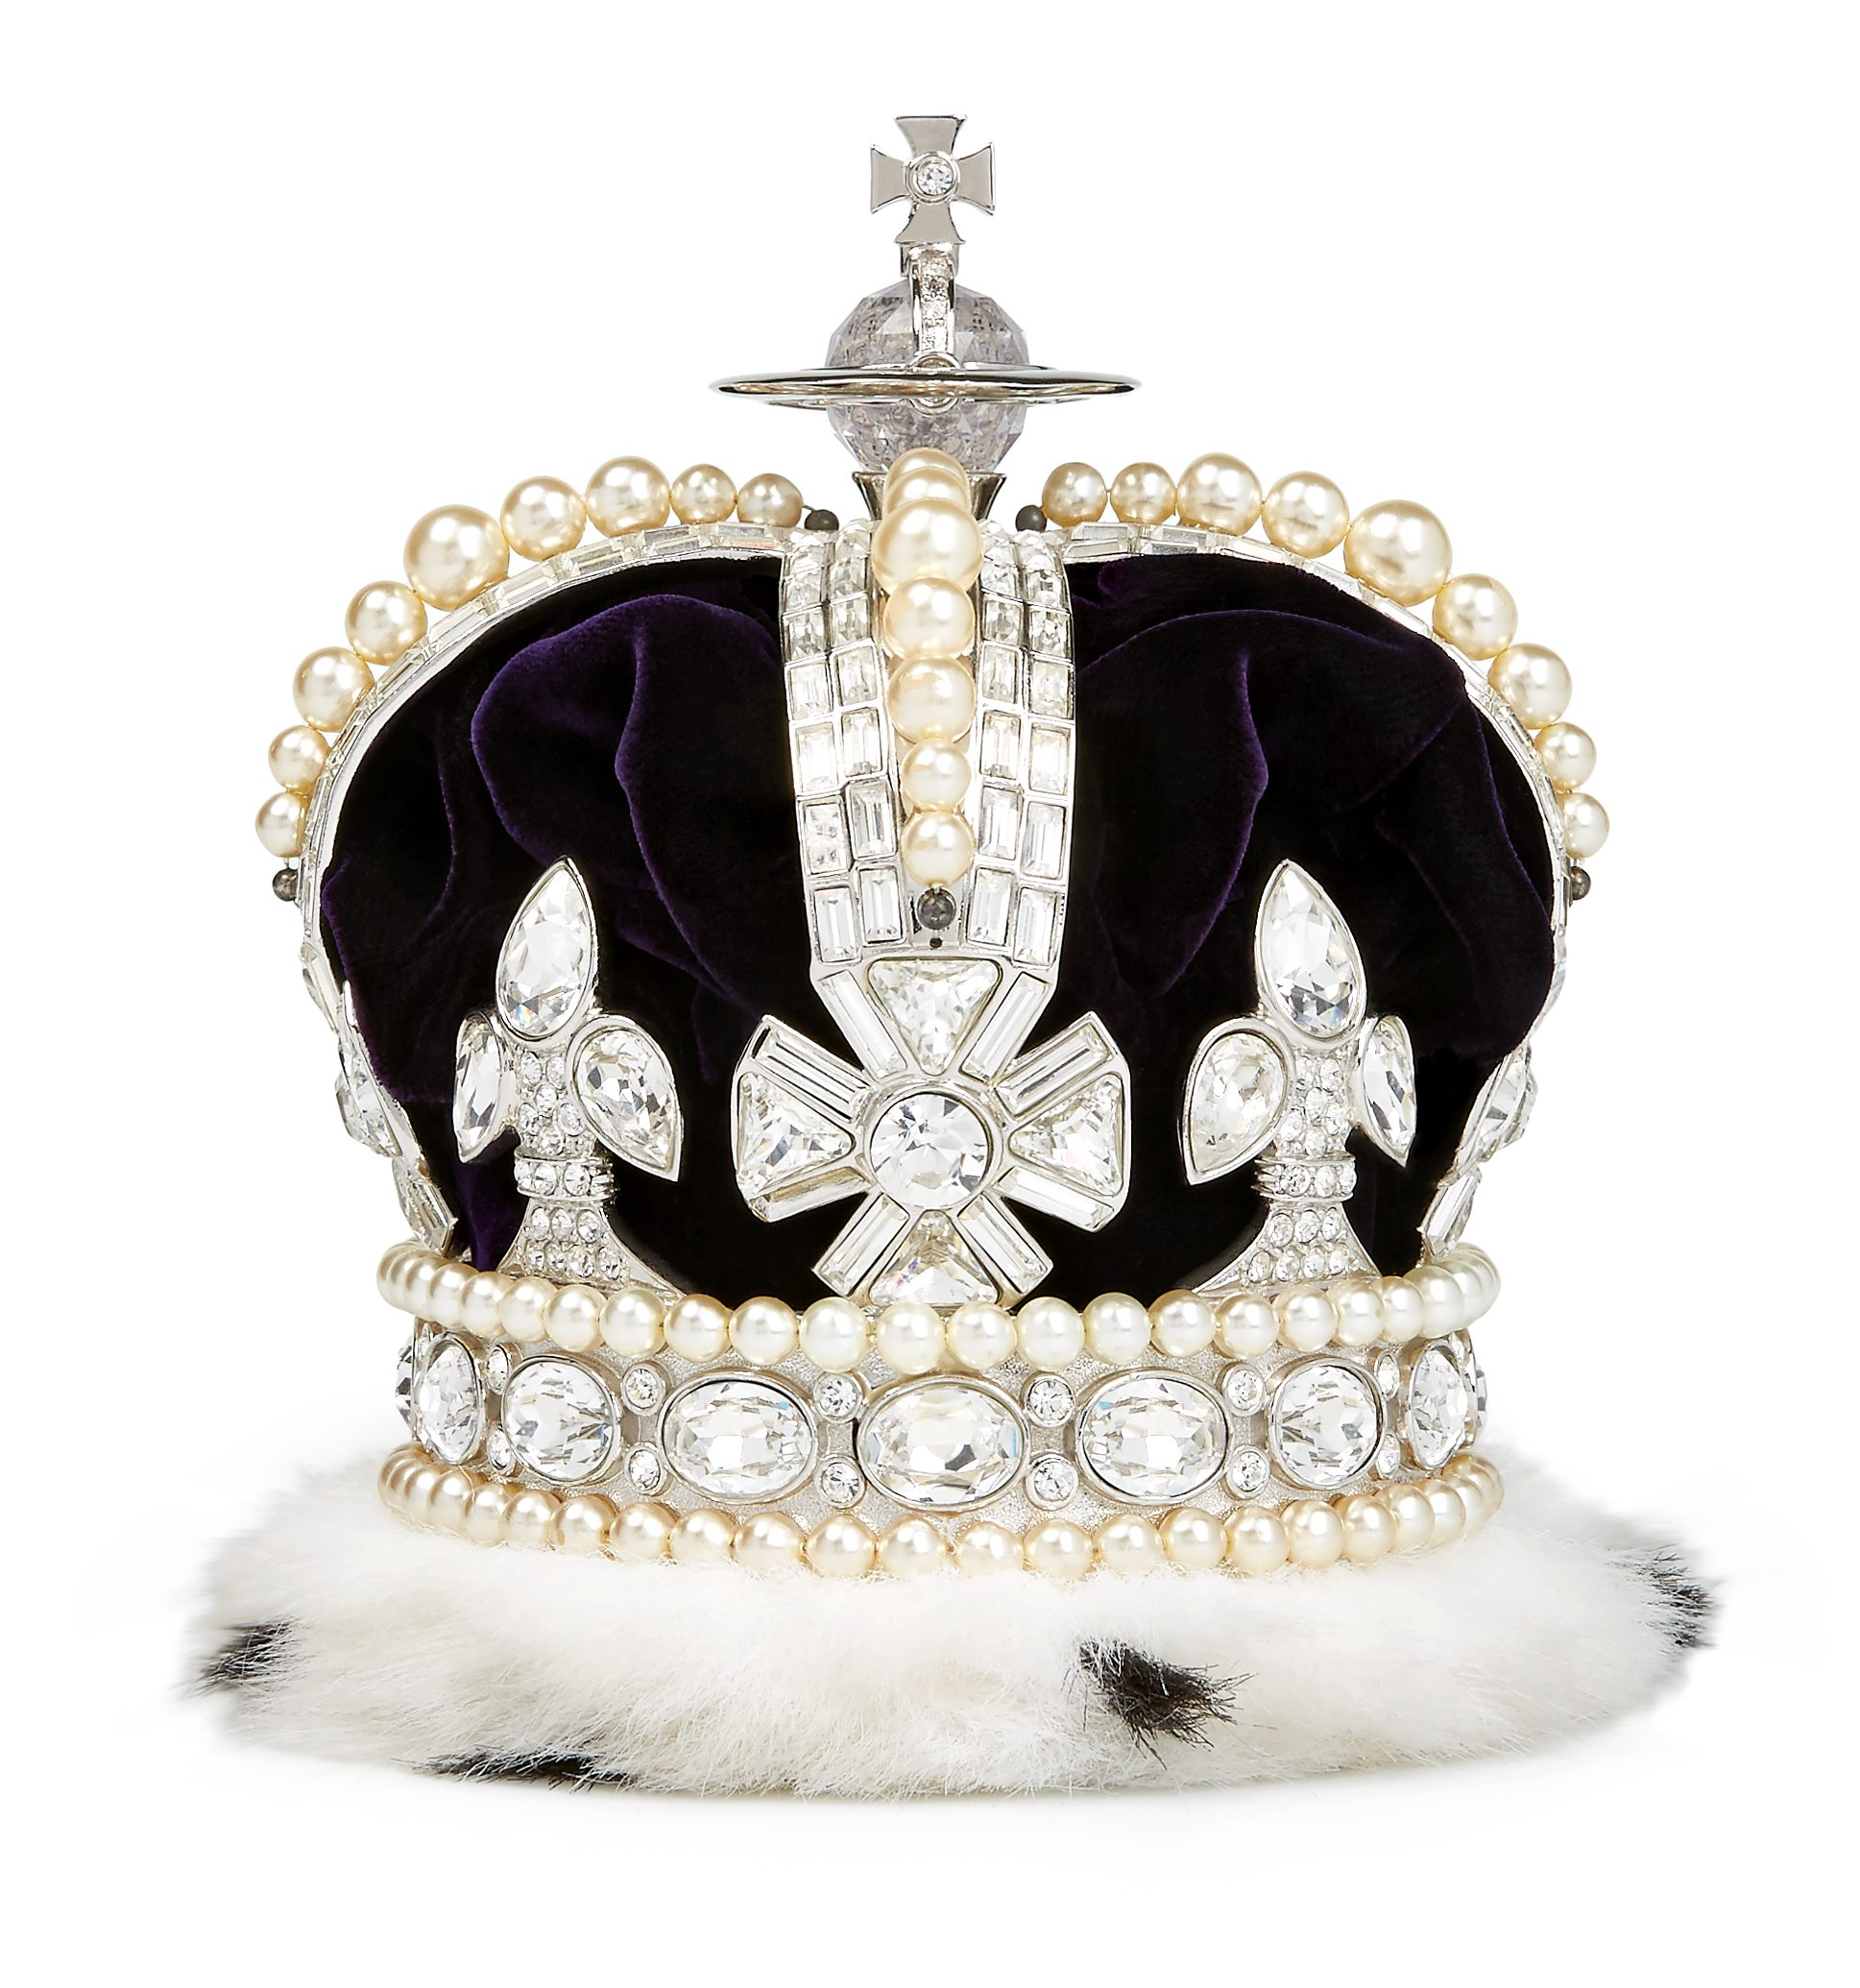 Vivienne Westwood, kroon, 2000-2001. Foto met dank aan ADAGP, Vivienne Westwood Ltd©